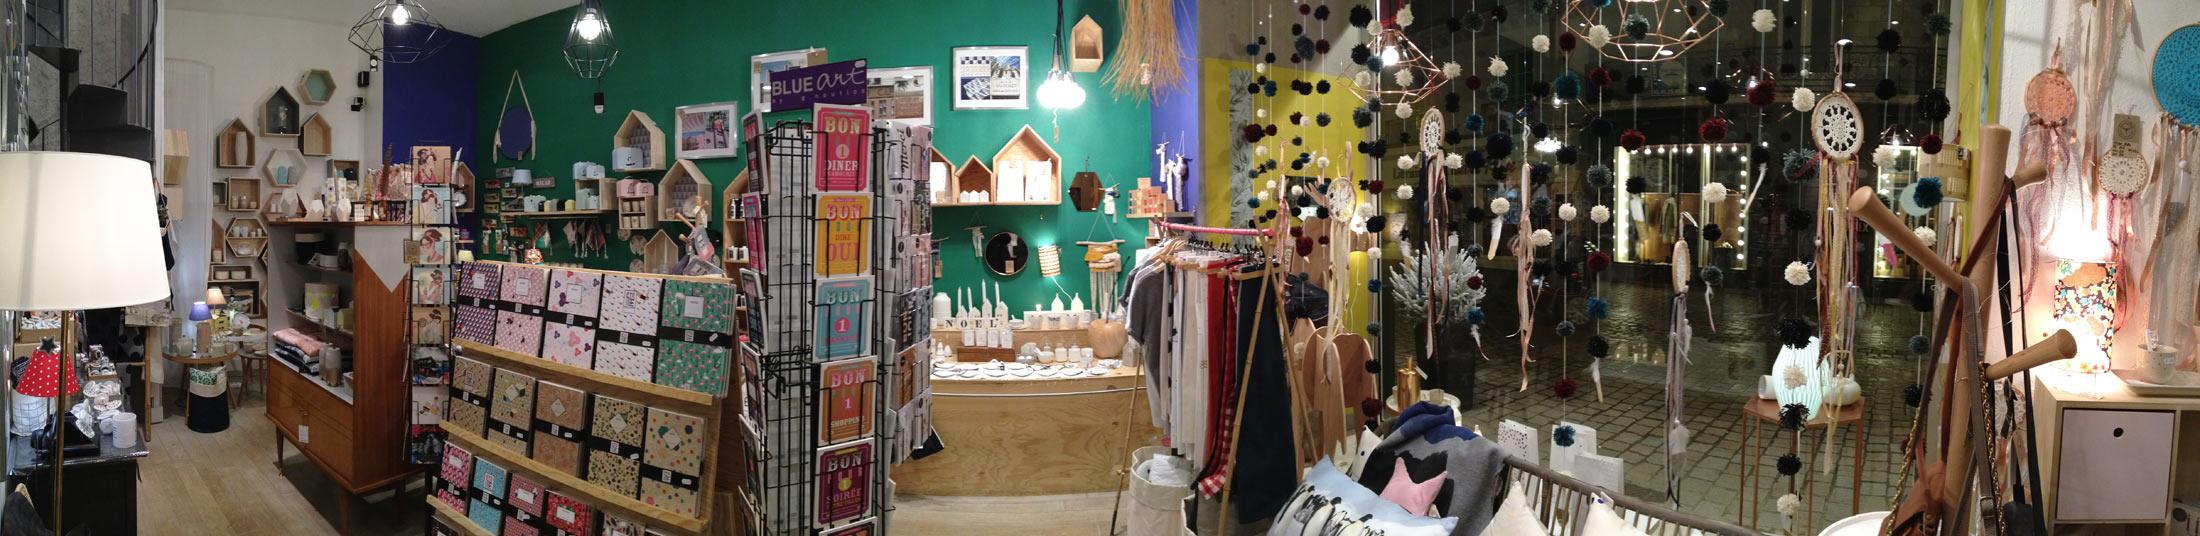 La boutique Inspirations à Nantes